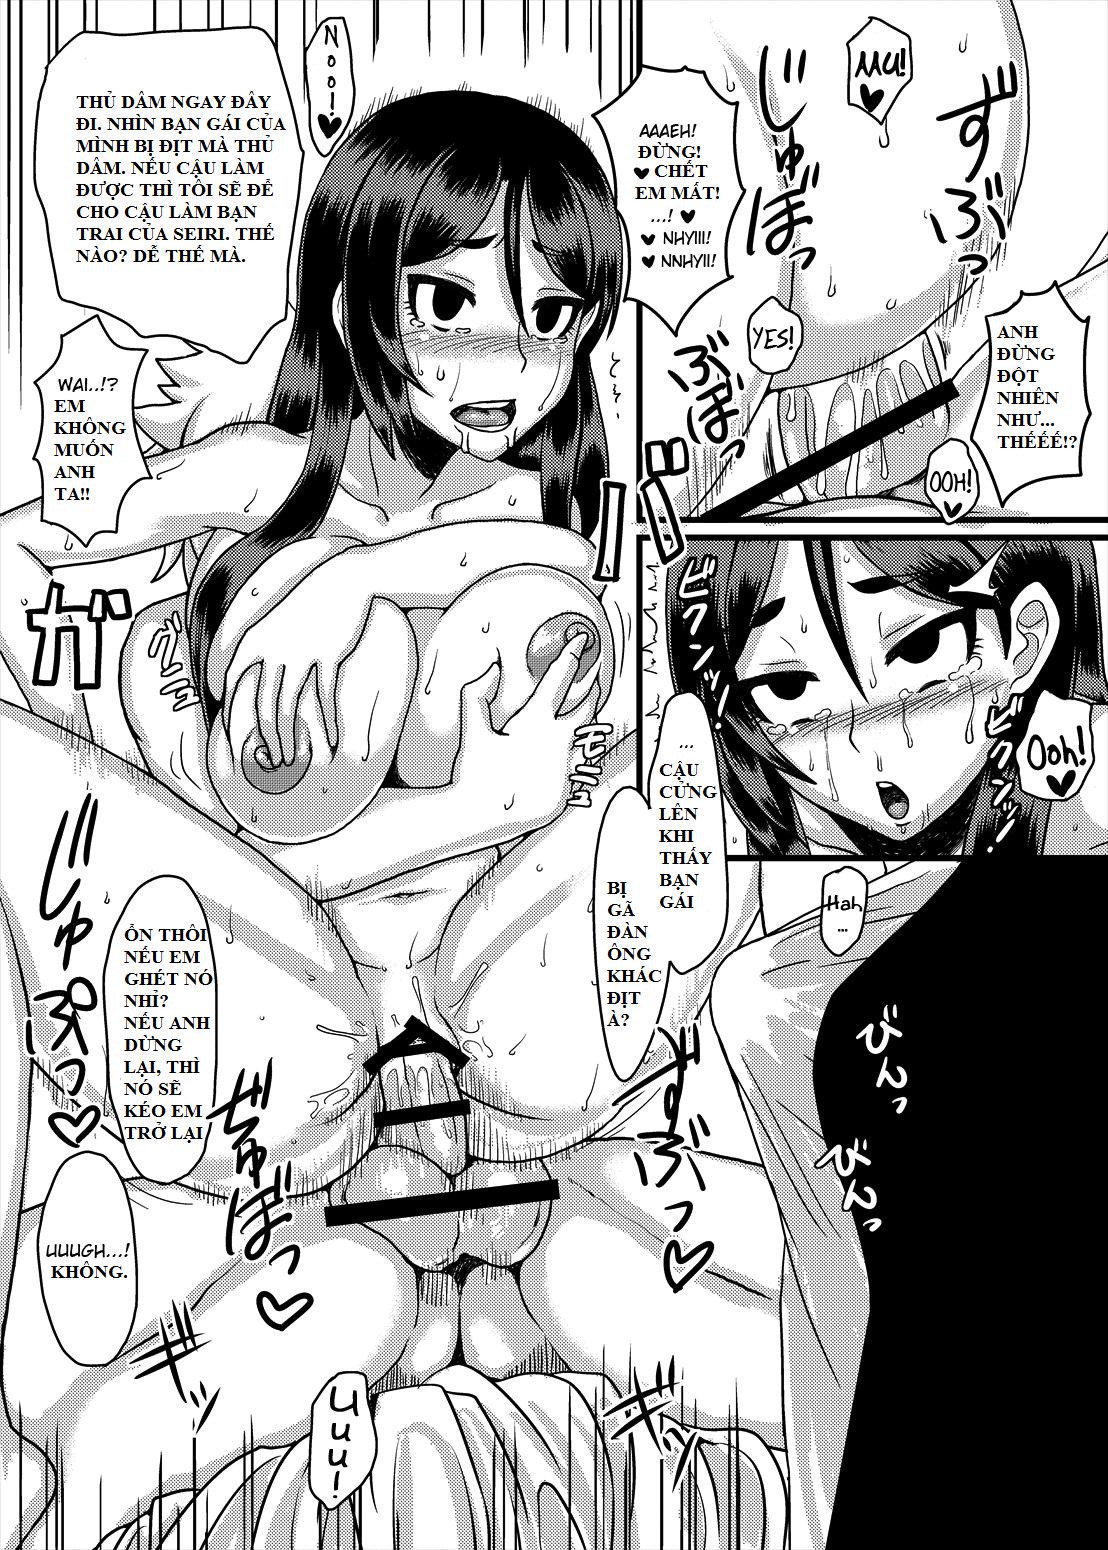 HentaiVN.net - Ảnh 3 - NIKUYOSE (Toaru Majutsu no Index) - Chap 2